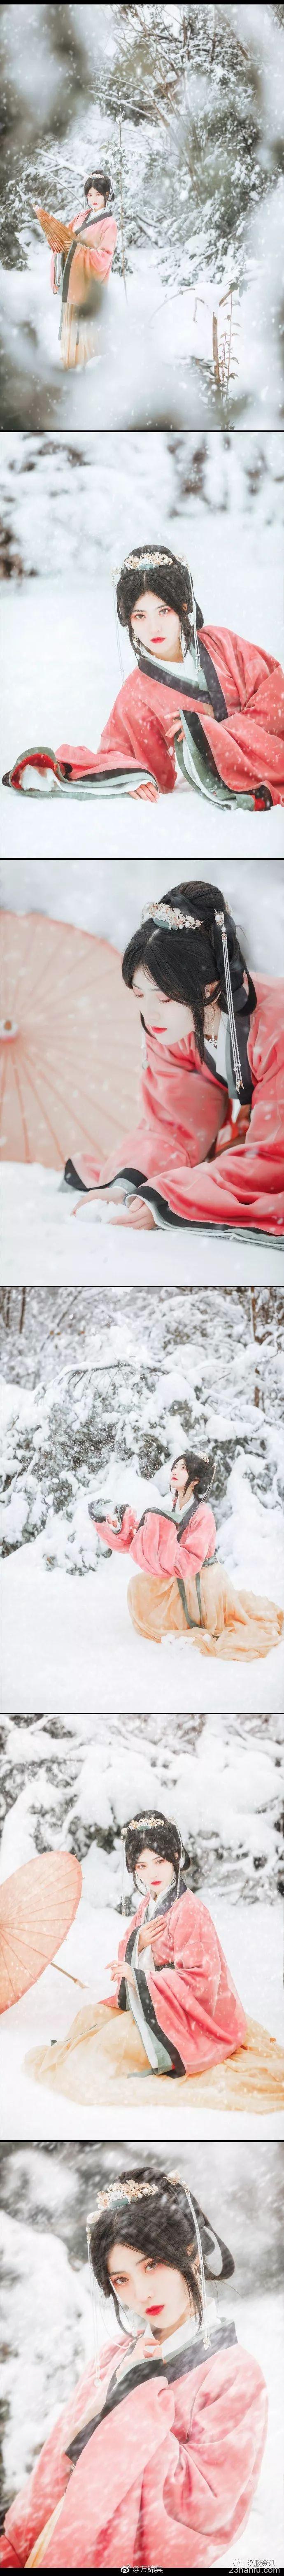 【汉服摄影】你是雪 我是尘埃